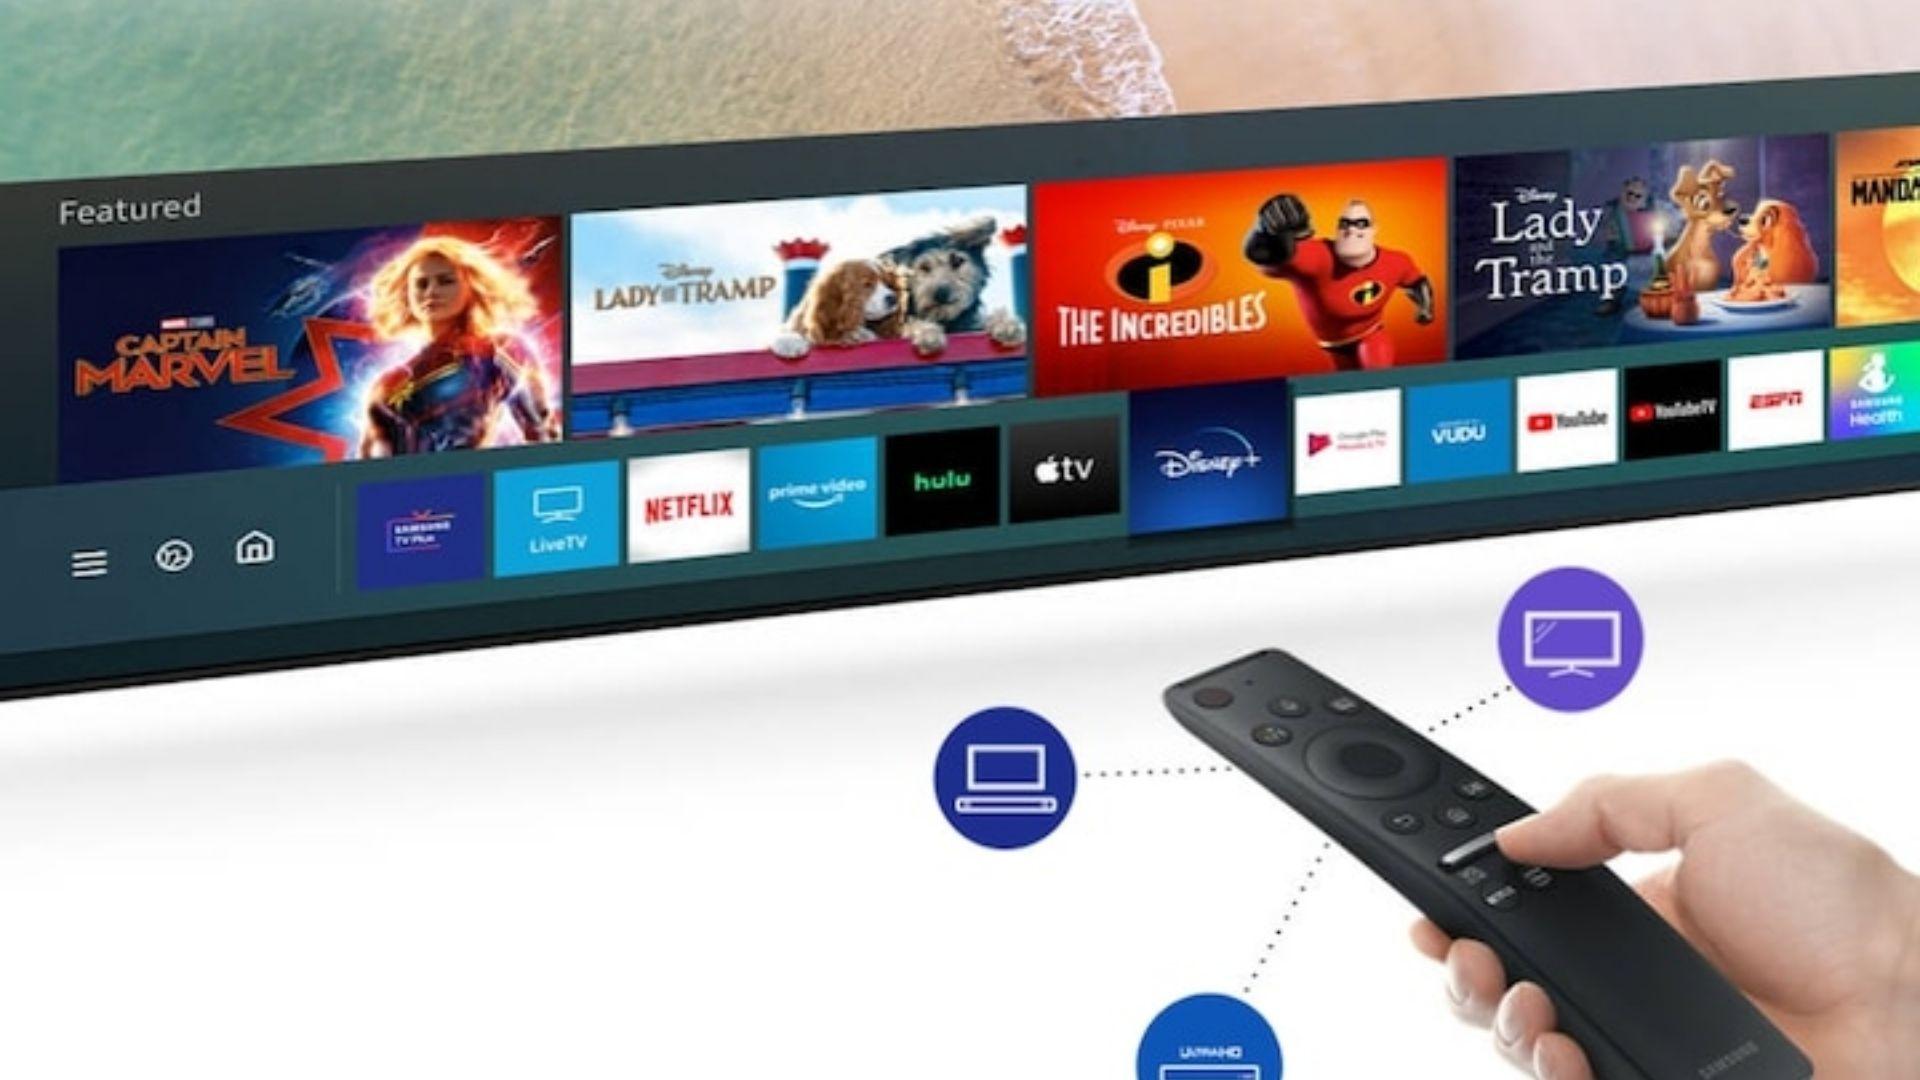 Controle remoto único da Samsung consegue comandar todos os aparelhos conectados as portas HDMI. (Imagem: Divulgação/Samsung)